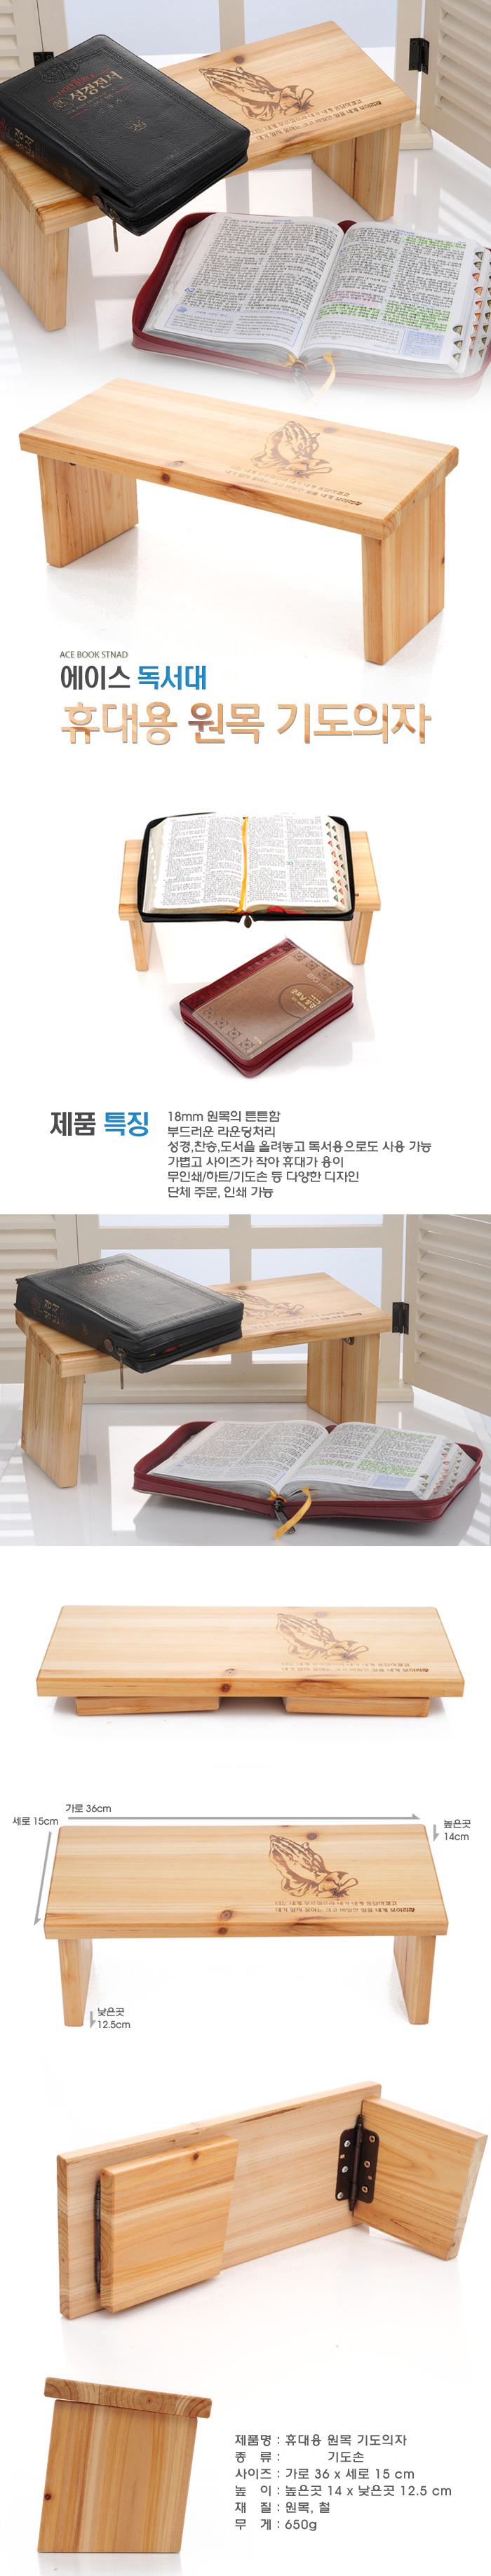 (에이스독서대) 접이식 원목 기도의자-기도손 - 에이스독서대, 13,500원, 디자인 의자, 좌식의자